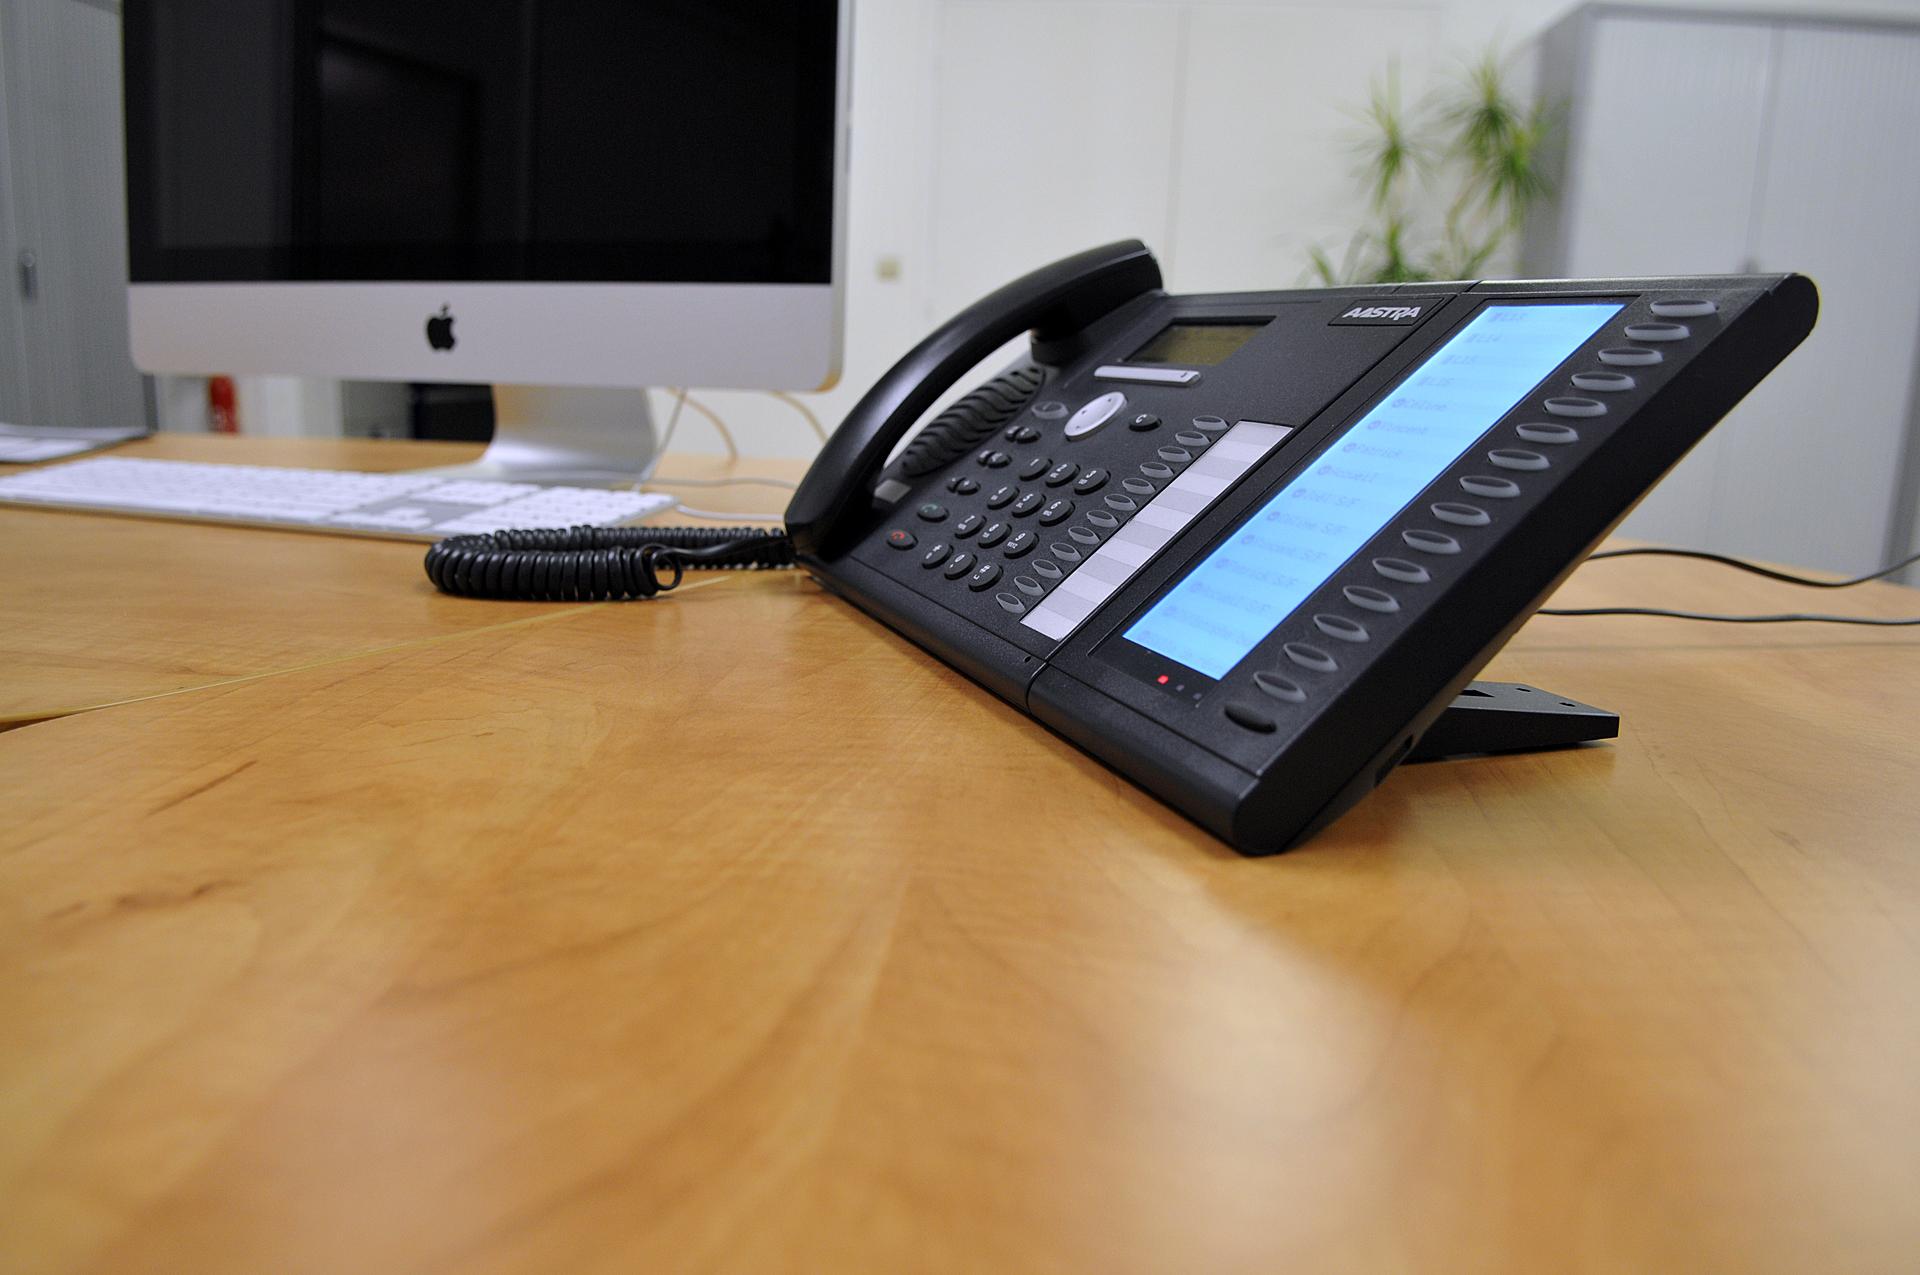 Techni-Ouest - Experte dans le secteur de la téléphonie fixe et mobile - Dreux